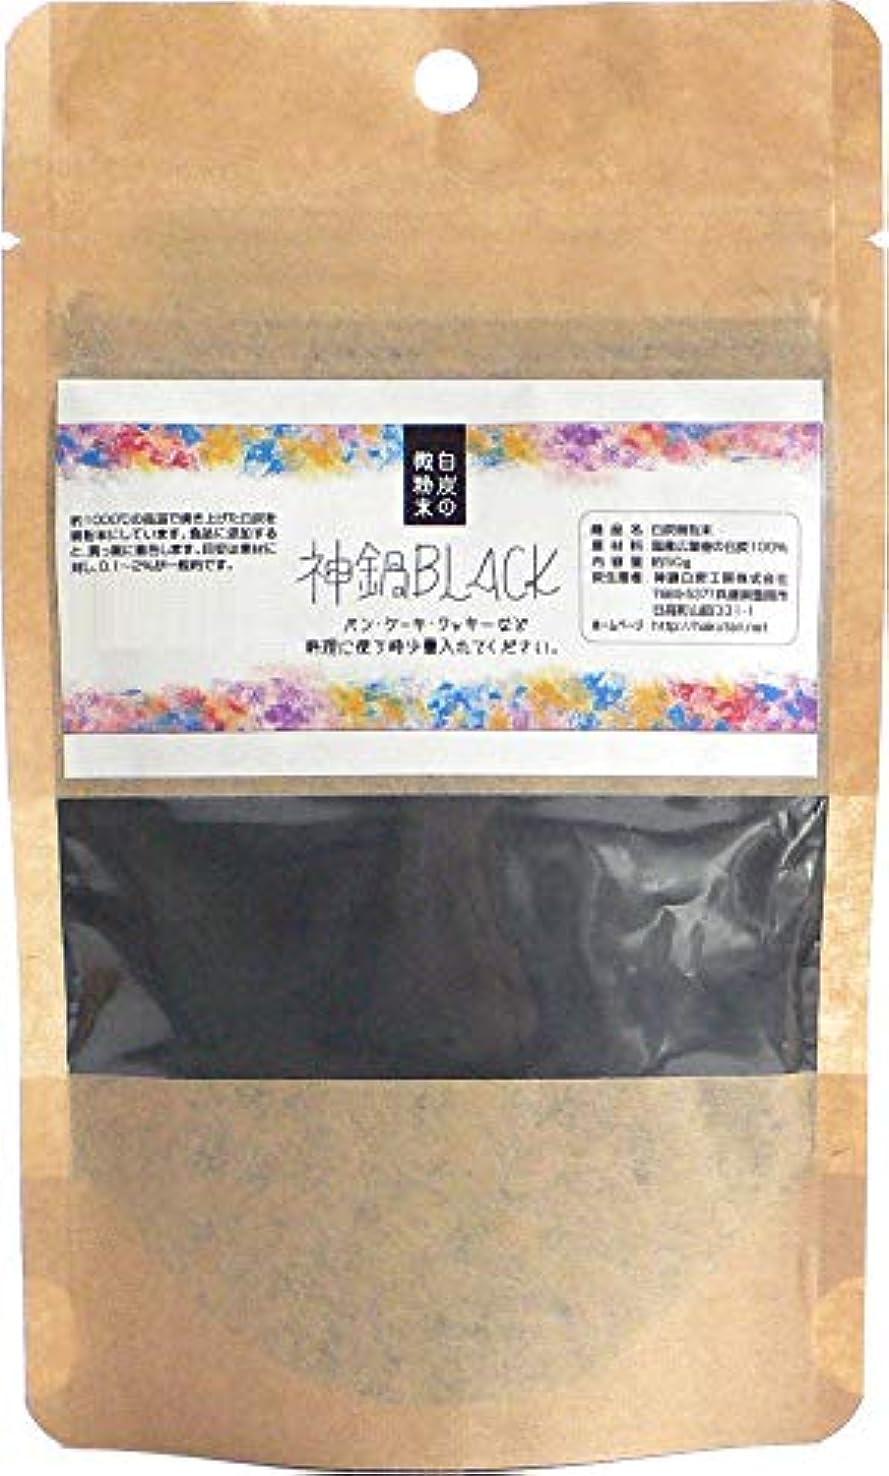 パドル結果れる炭パウダー チャコール 食用 クレンズ 炭 50g 10ミクロン 着色料 神鍋BLACK 兵庫県産